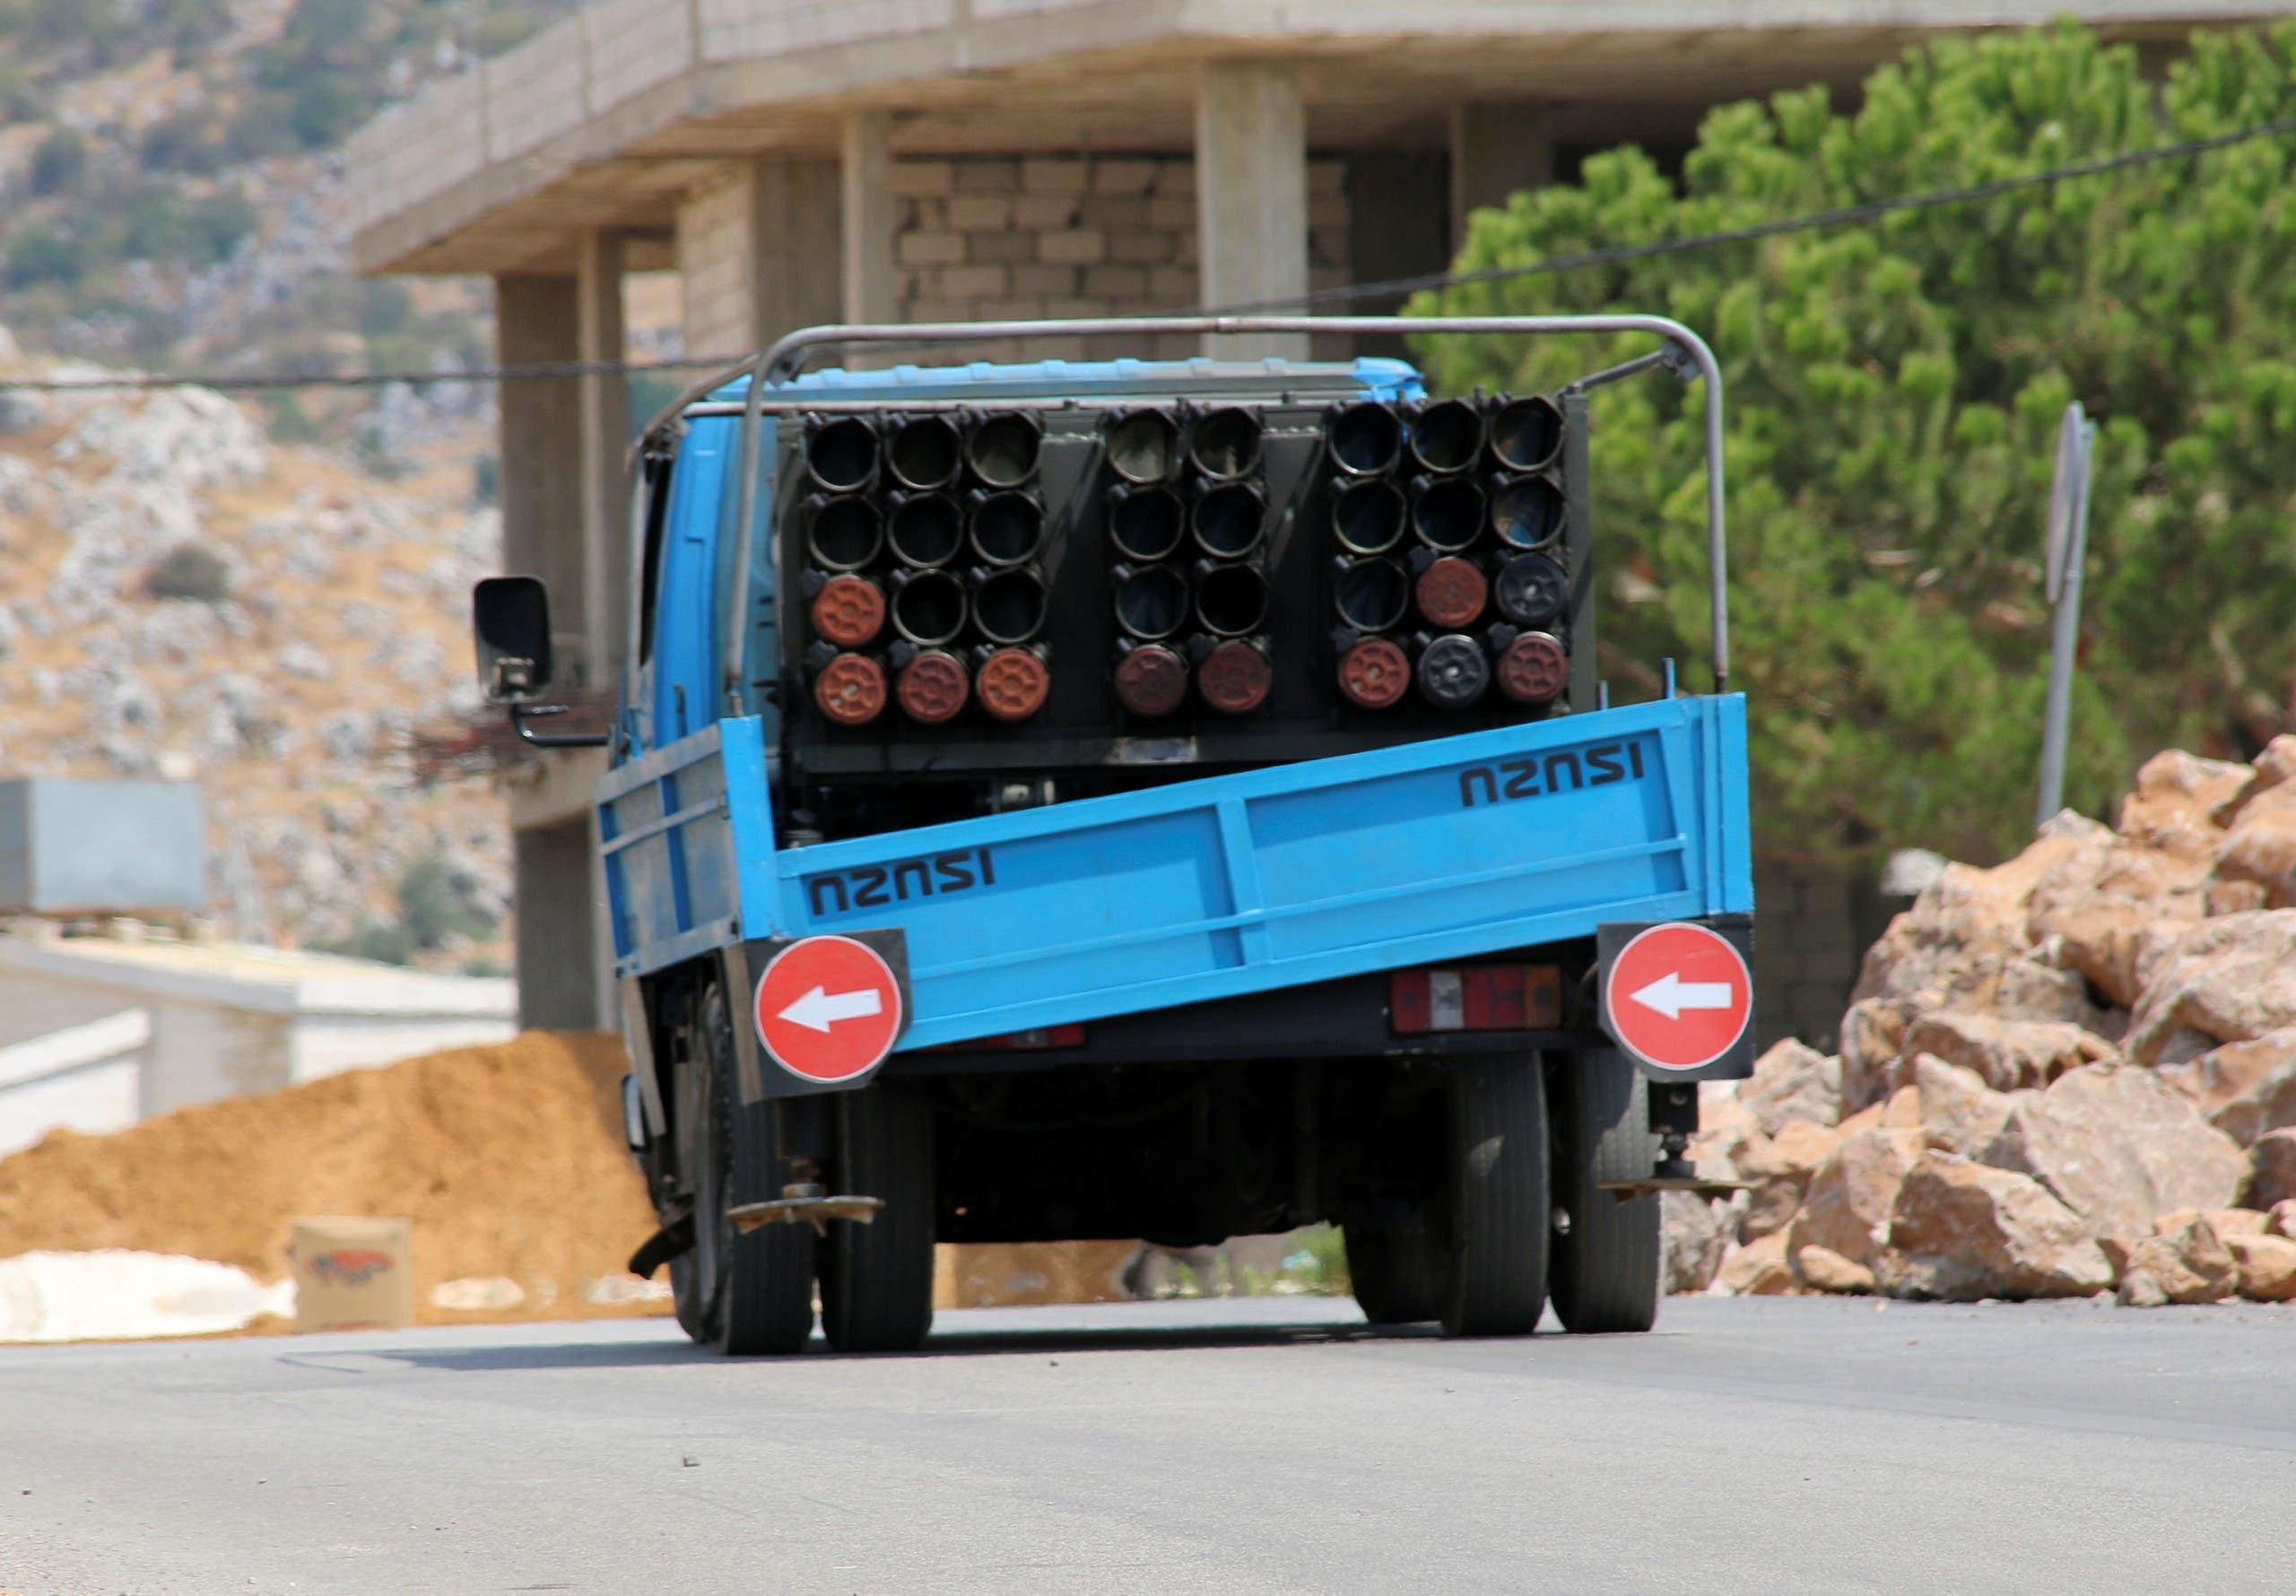 شاحنة صواريخ حزب الله التي ضبطها سكان بلدة شويا بعد عودتها من الحدود حيث أطلقت صواريخ باتجاه إسرائيل الجمعة